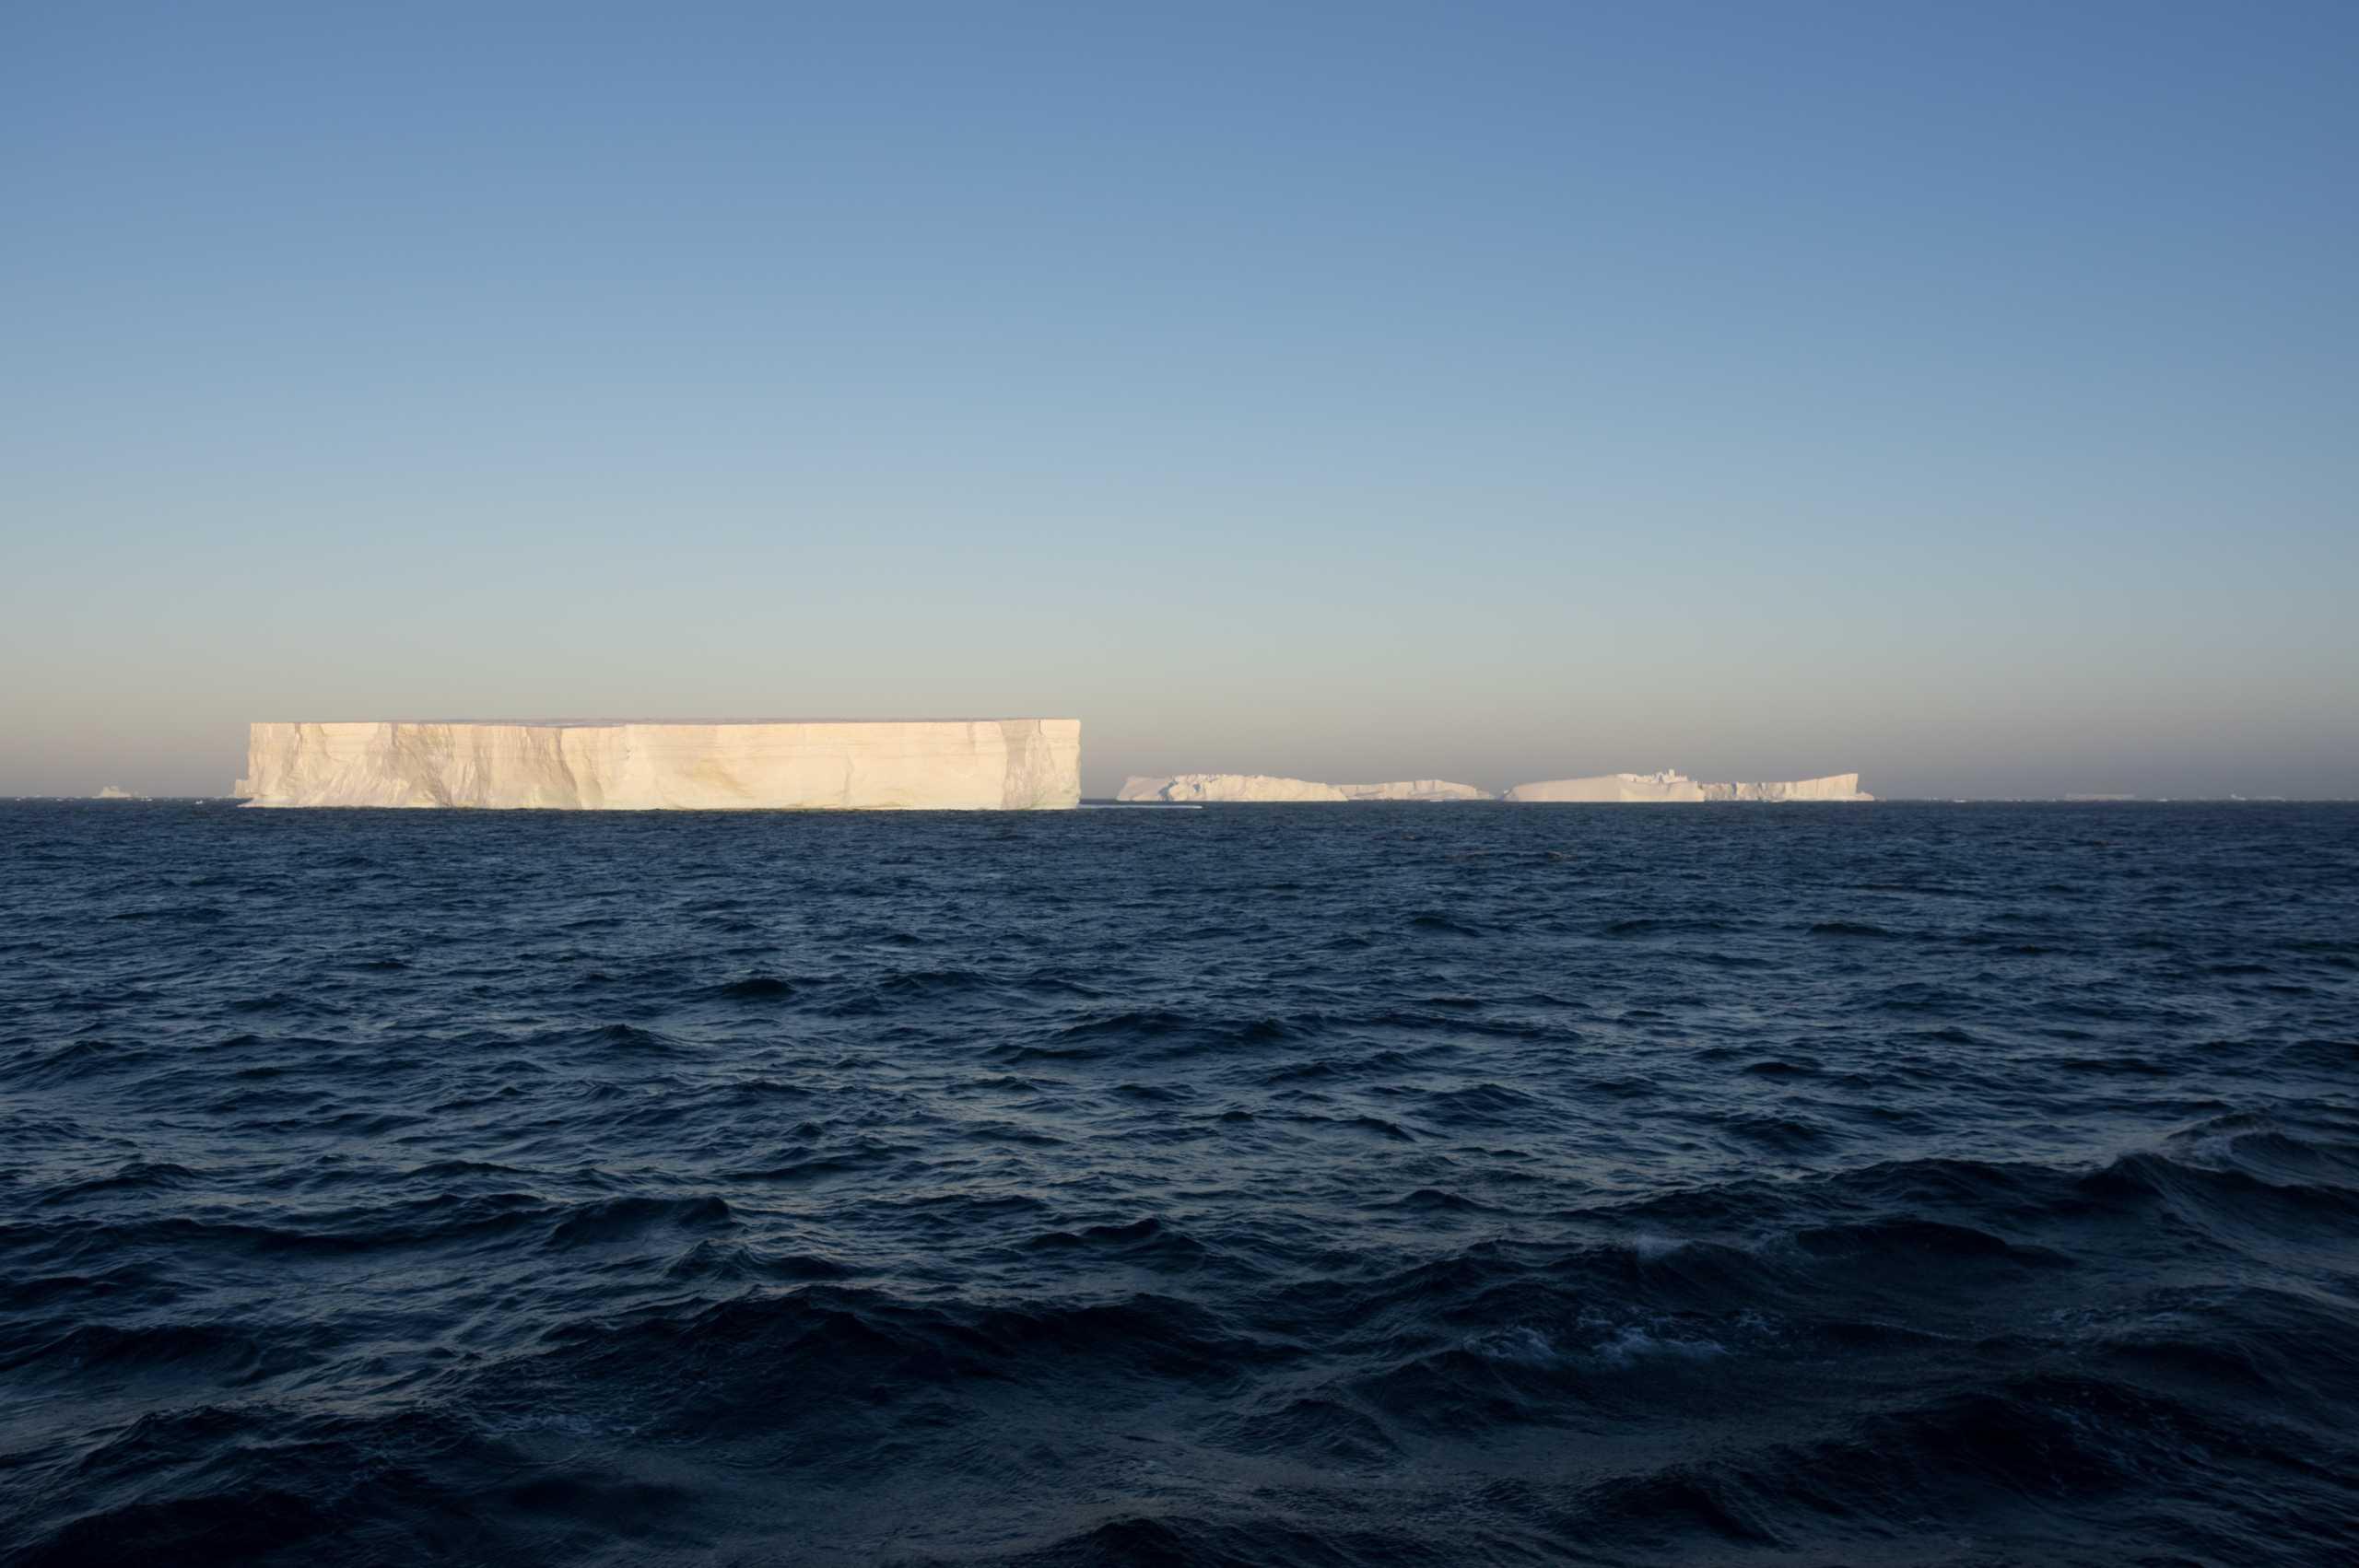 Ανταρκτική: Αποκολλήθηκε το μεγαλύτερο παγόβουνο στον κόσμο (pic)